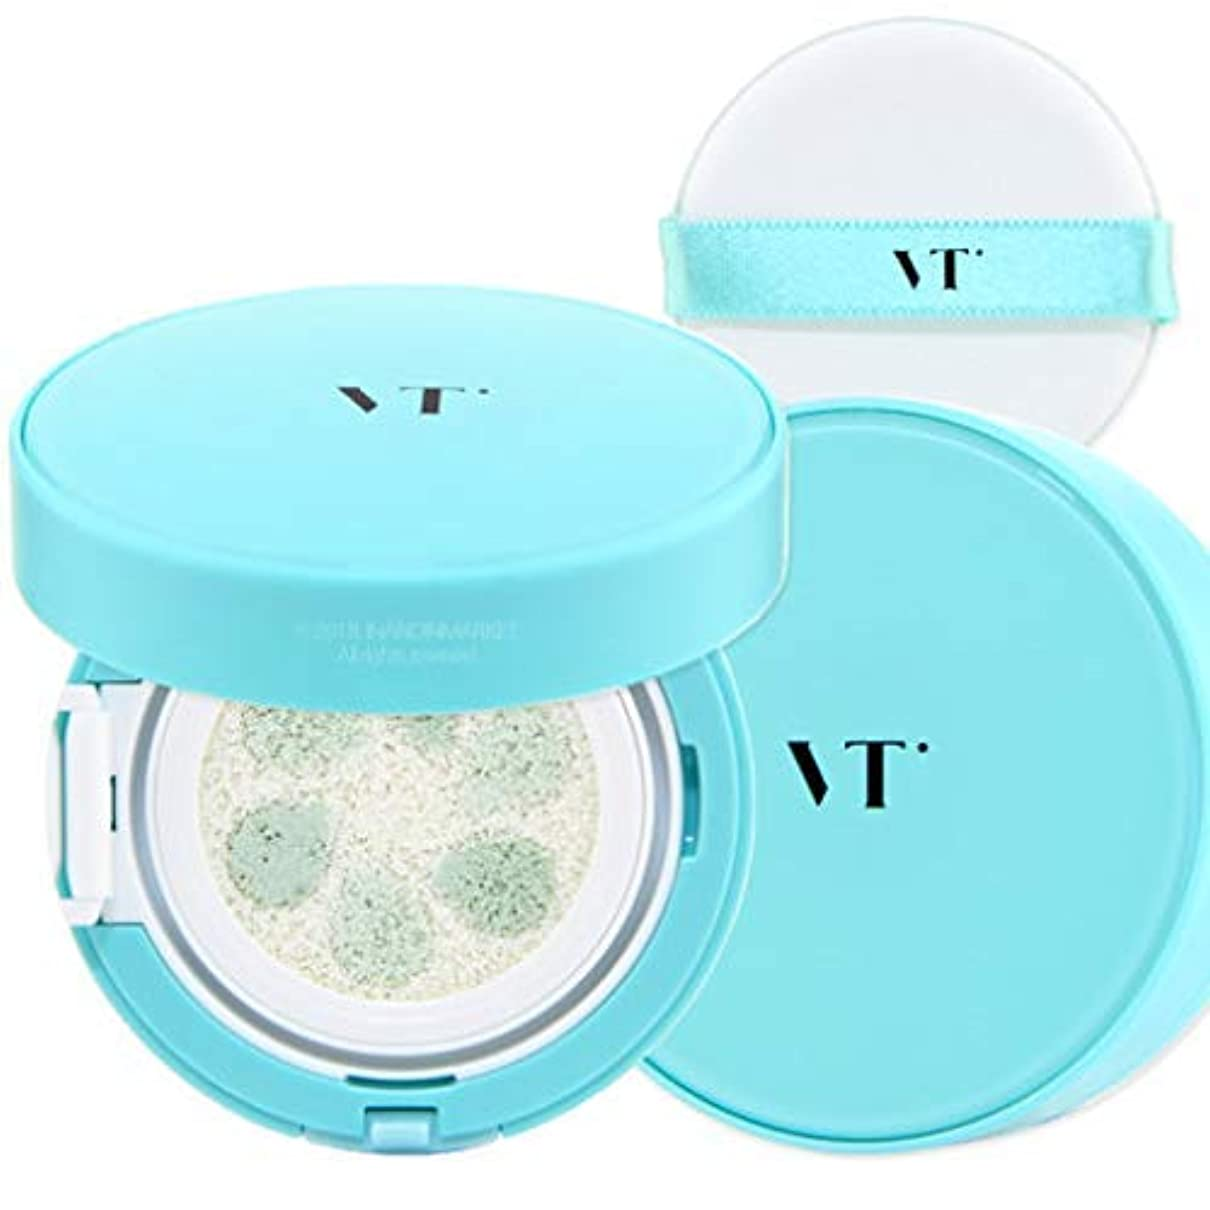 典型的なアヒルずるいVT Cosmetic Phyto Sun Cushion サンクッション 本品11g, SPF50+/PA++++